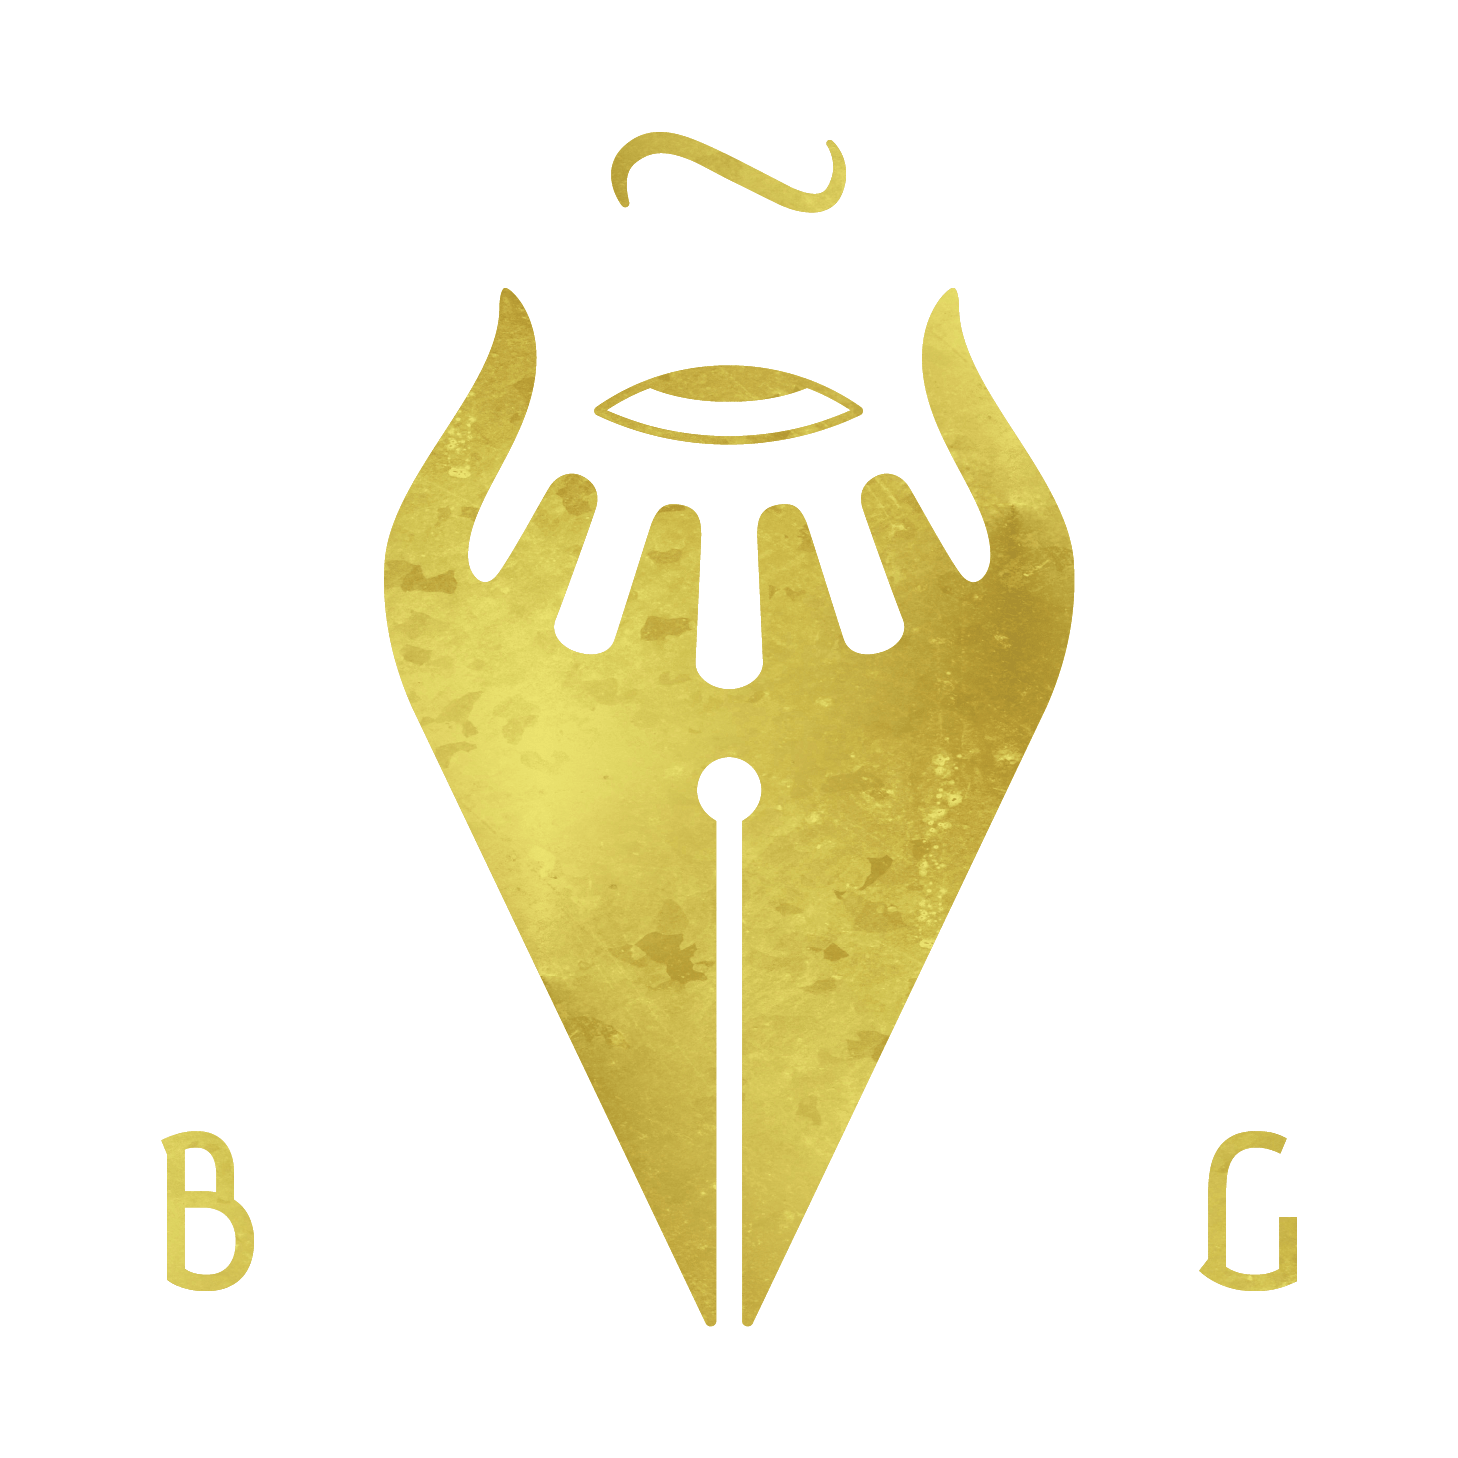 BGCre8 Gold foil logo